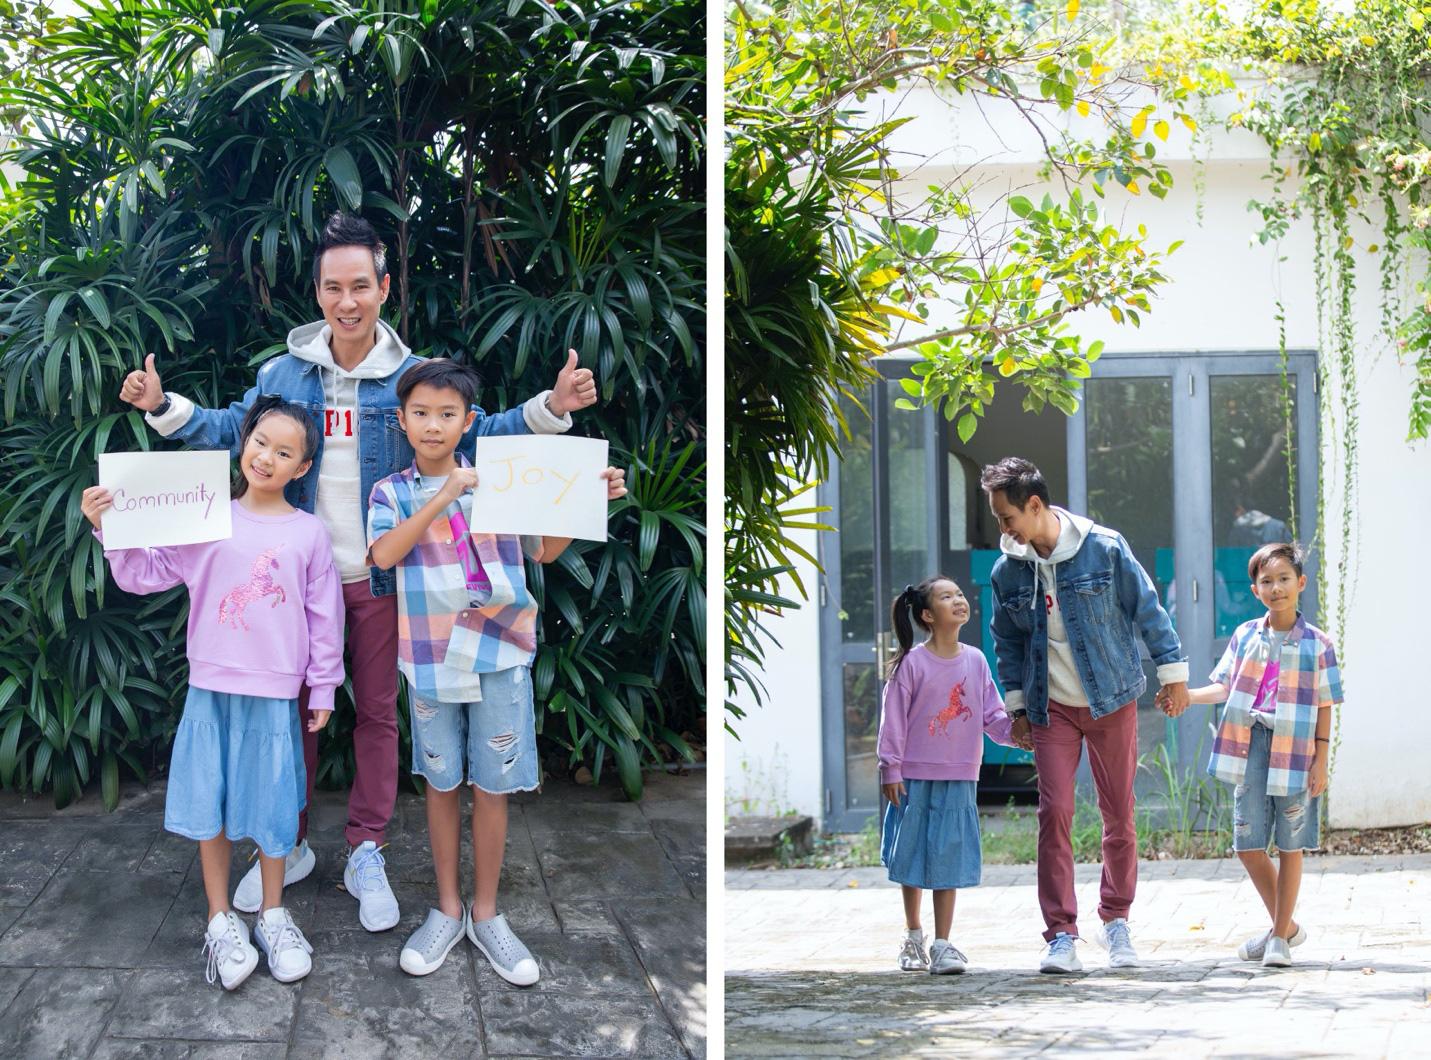 Vợ chồng Lý Hải - Minh Hà cùng 4 nhóc tì xuất hiện như fashionista trong BST Holiday của GAP - Ảnh 4.